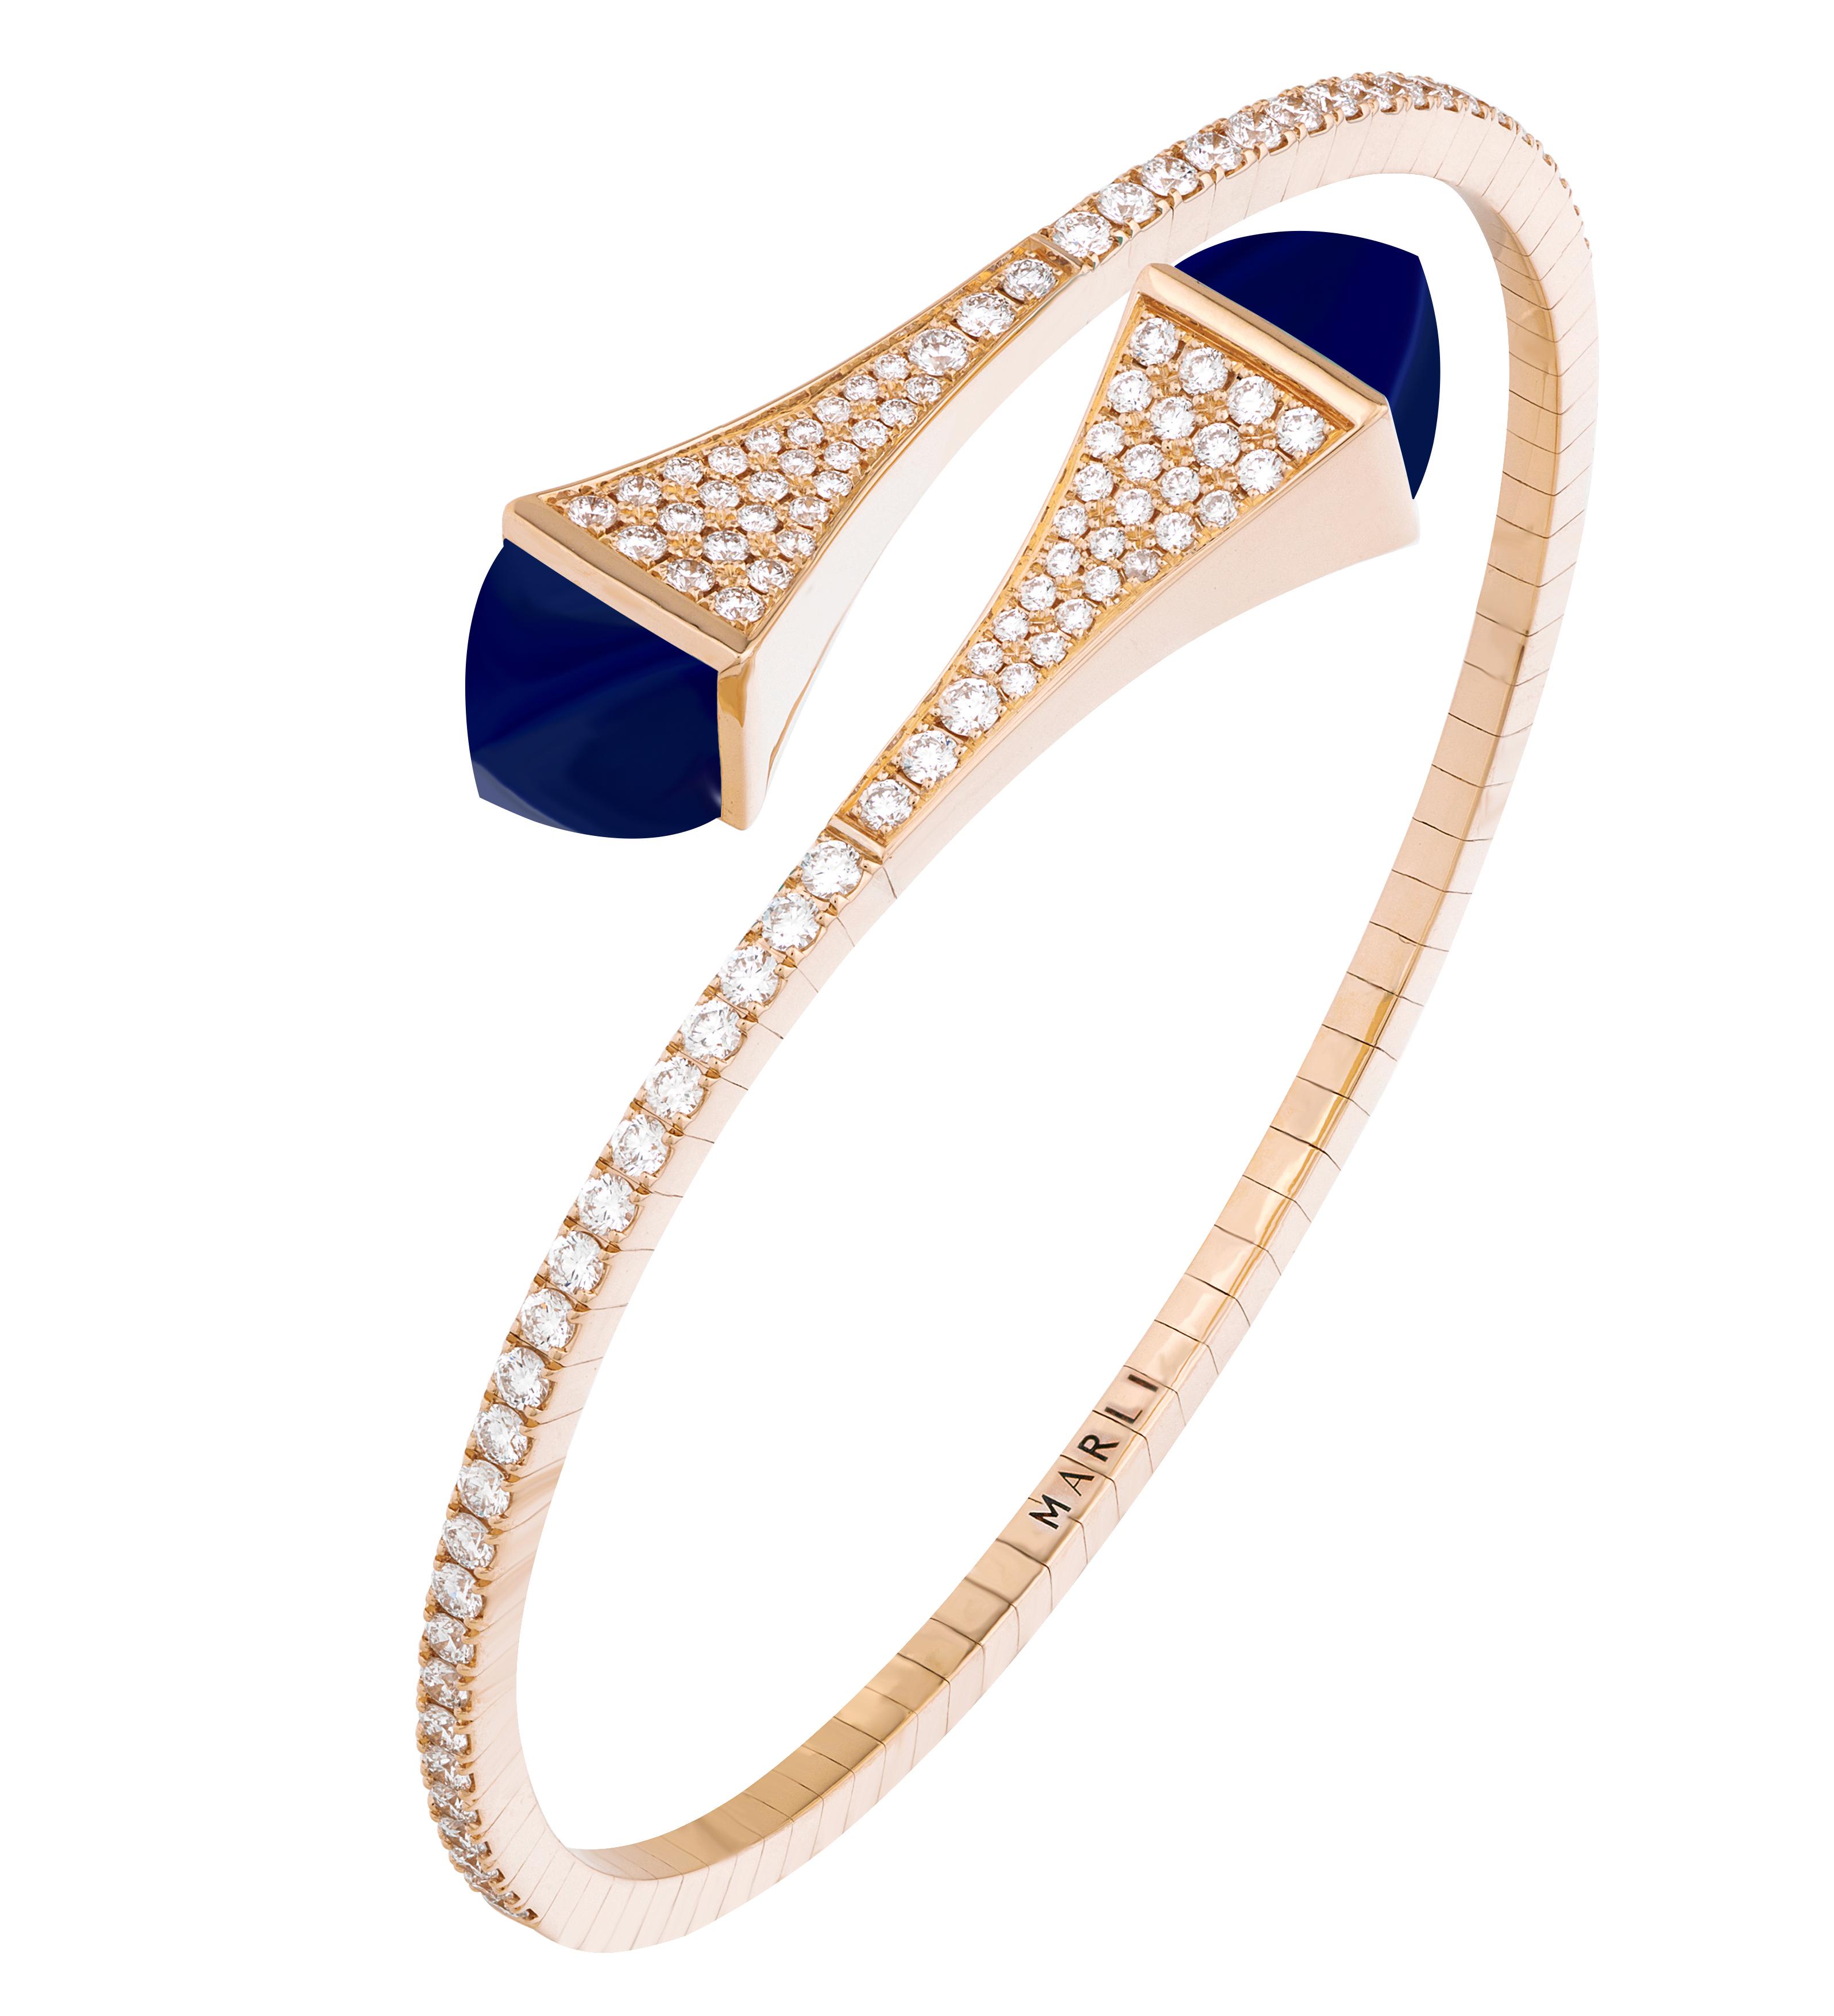 Marli Cleo lapis bracelet | JCK On Your Market